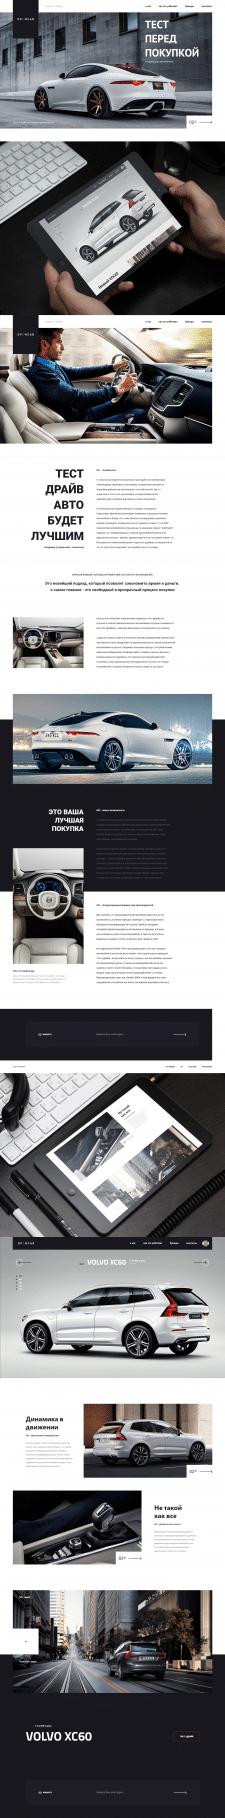 OpenCar